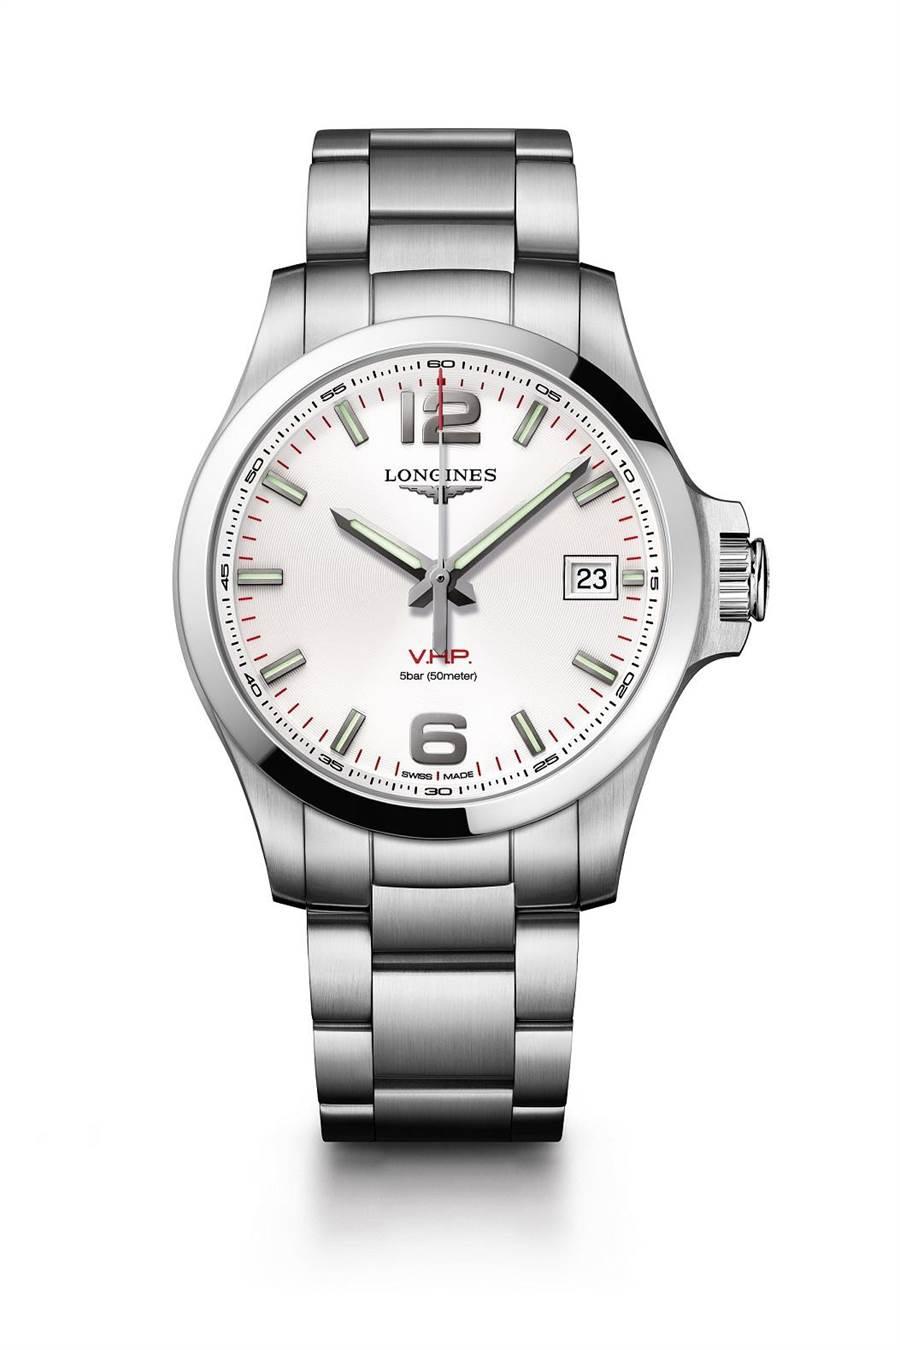 浪琴表征服者系列 V.H.P.大三針銀面腕表,3萬4200元。(Longines提供)